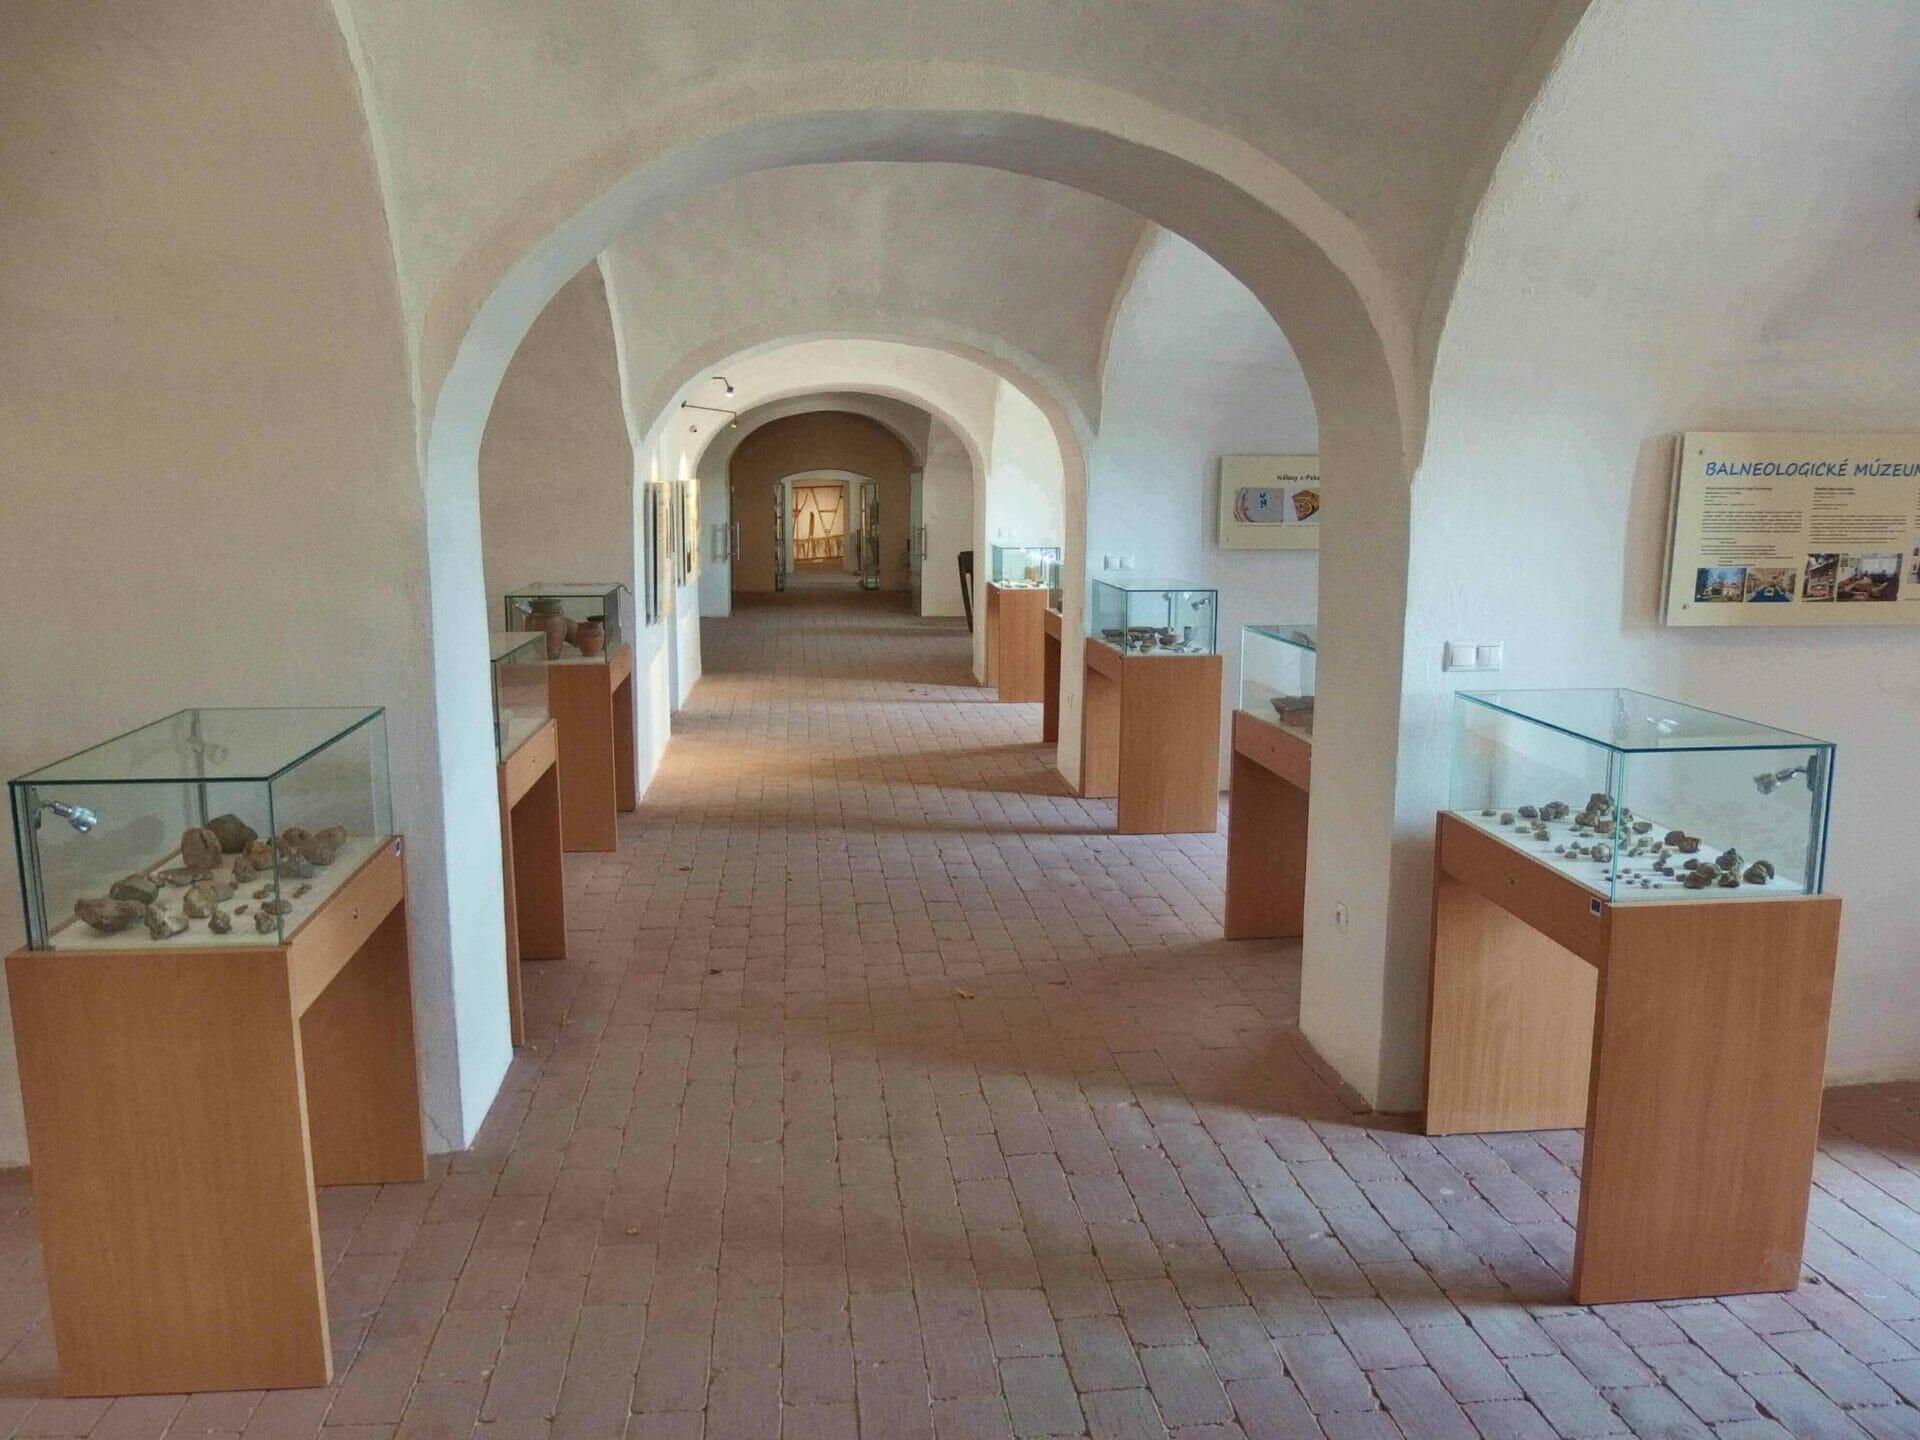 Balneologické múzeum